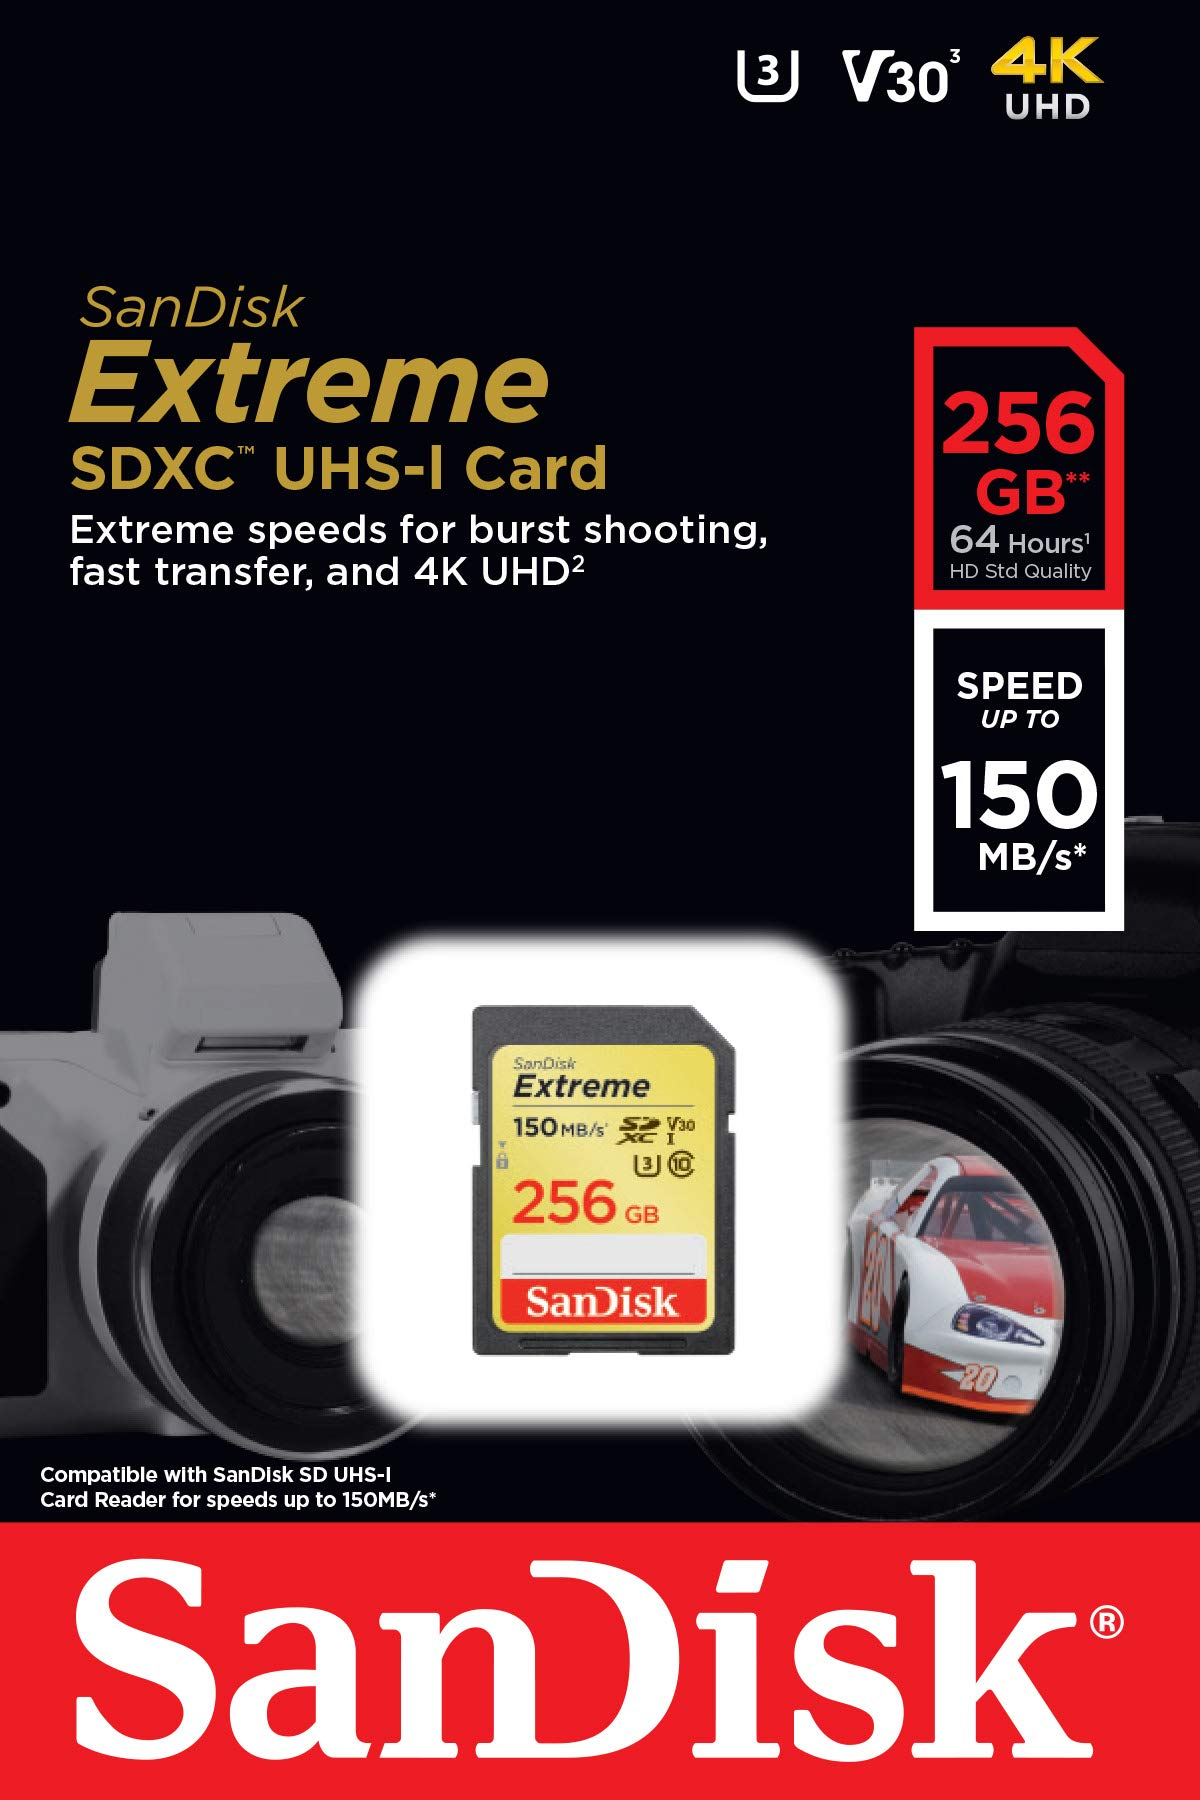 SanDisk 256GB Extreme SDXC UHS-I Card - C10, U3, V30, 4K UHD, SD Card - SDSDXV5-256G-GNCIN by SanDisk (Image #4)